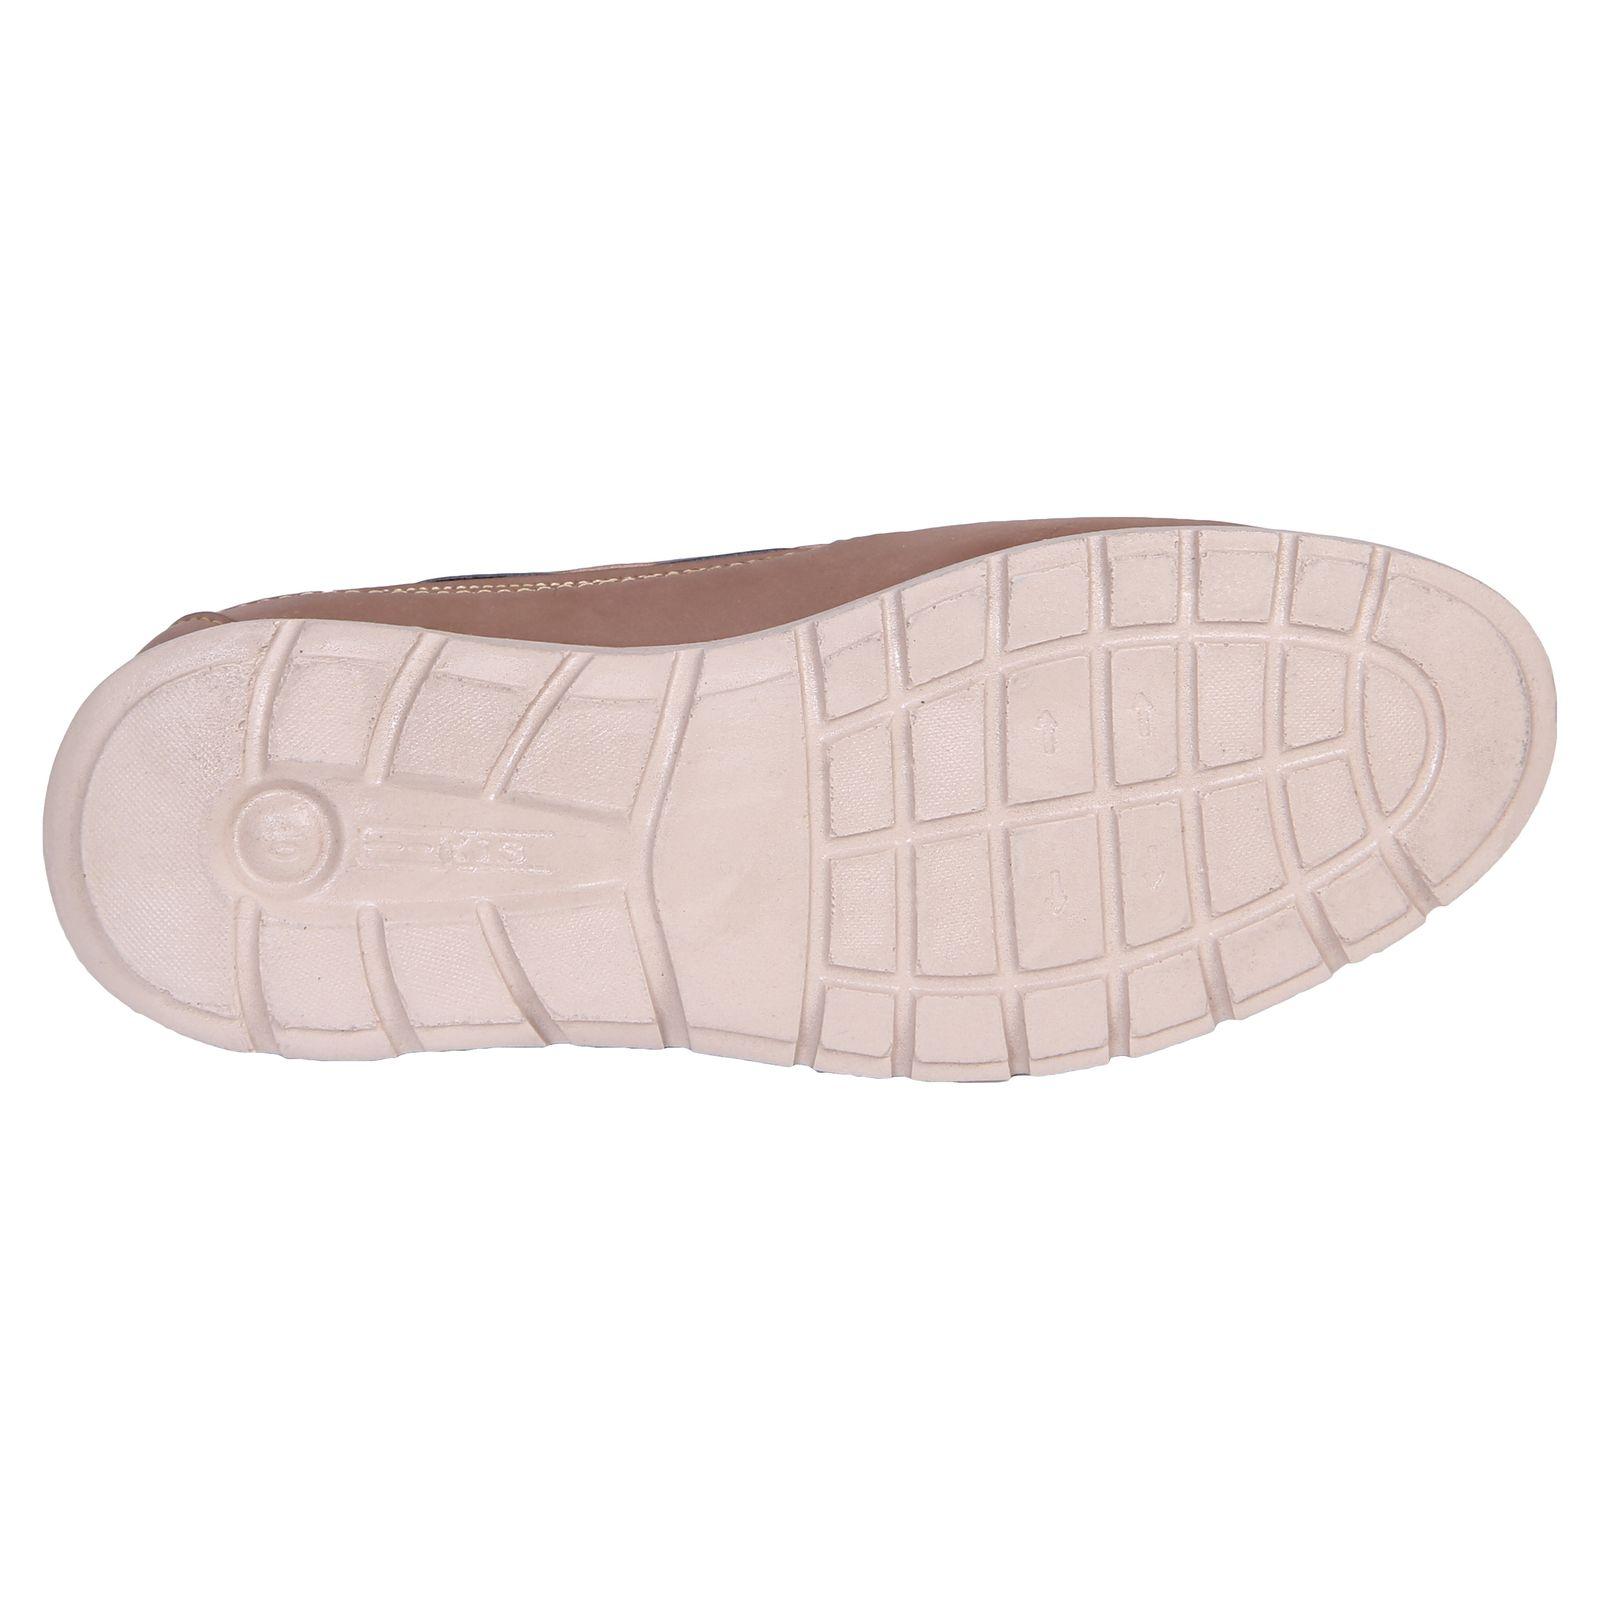 کفش روزمره مردانه کد 14-39868 -  - 3